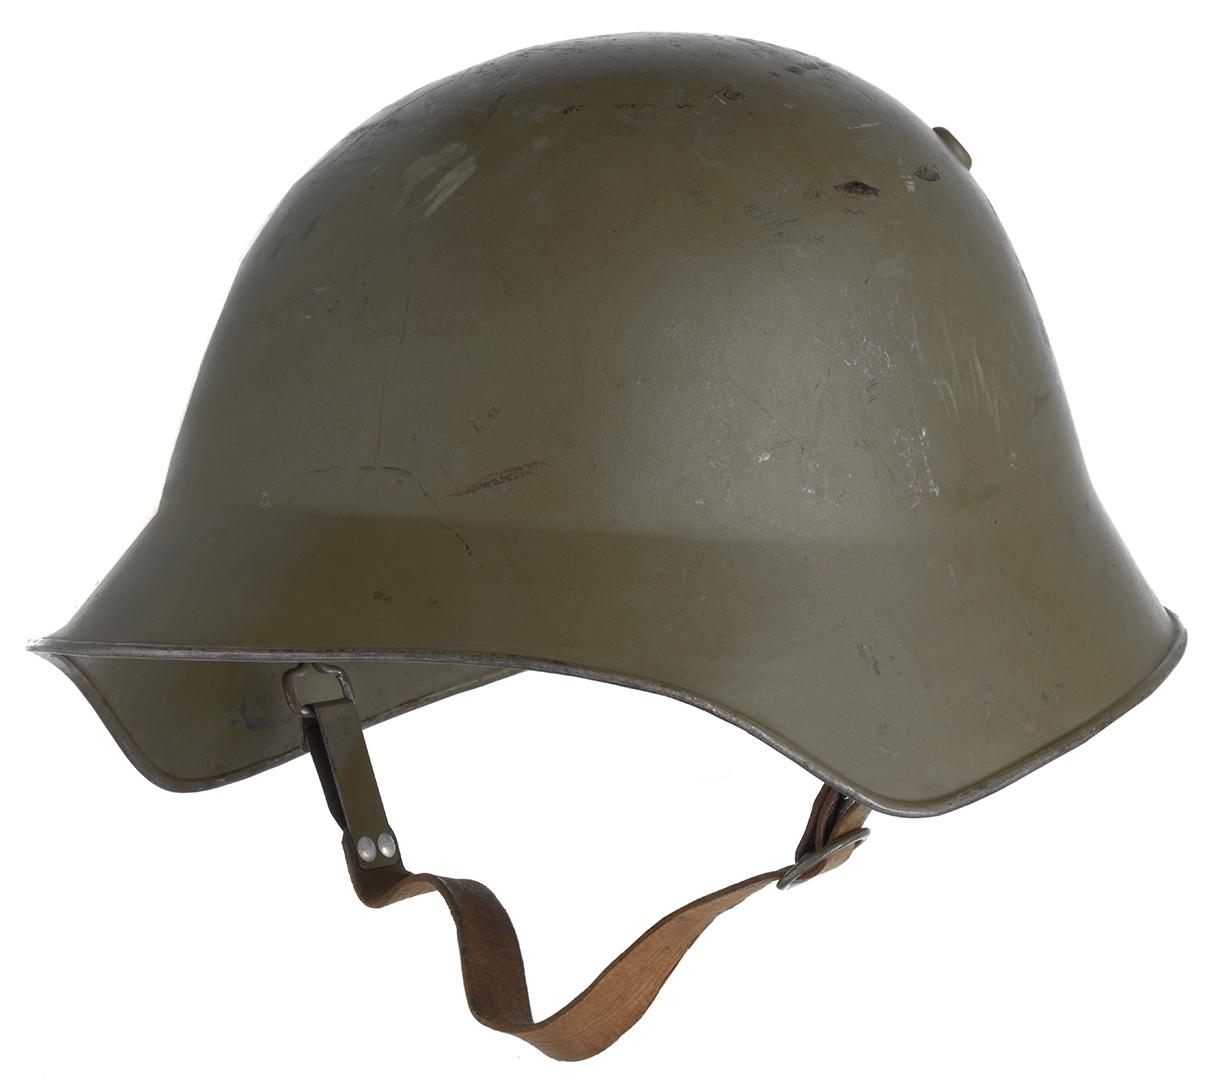 Helm Modell 18, Feldgrau gespritzt, von 1918